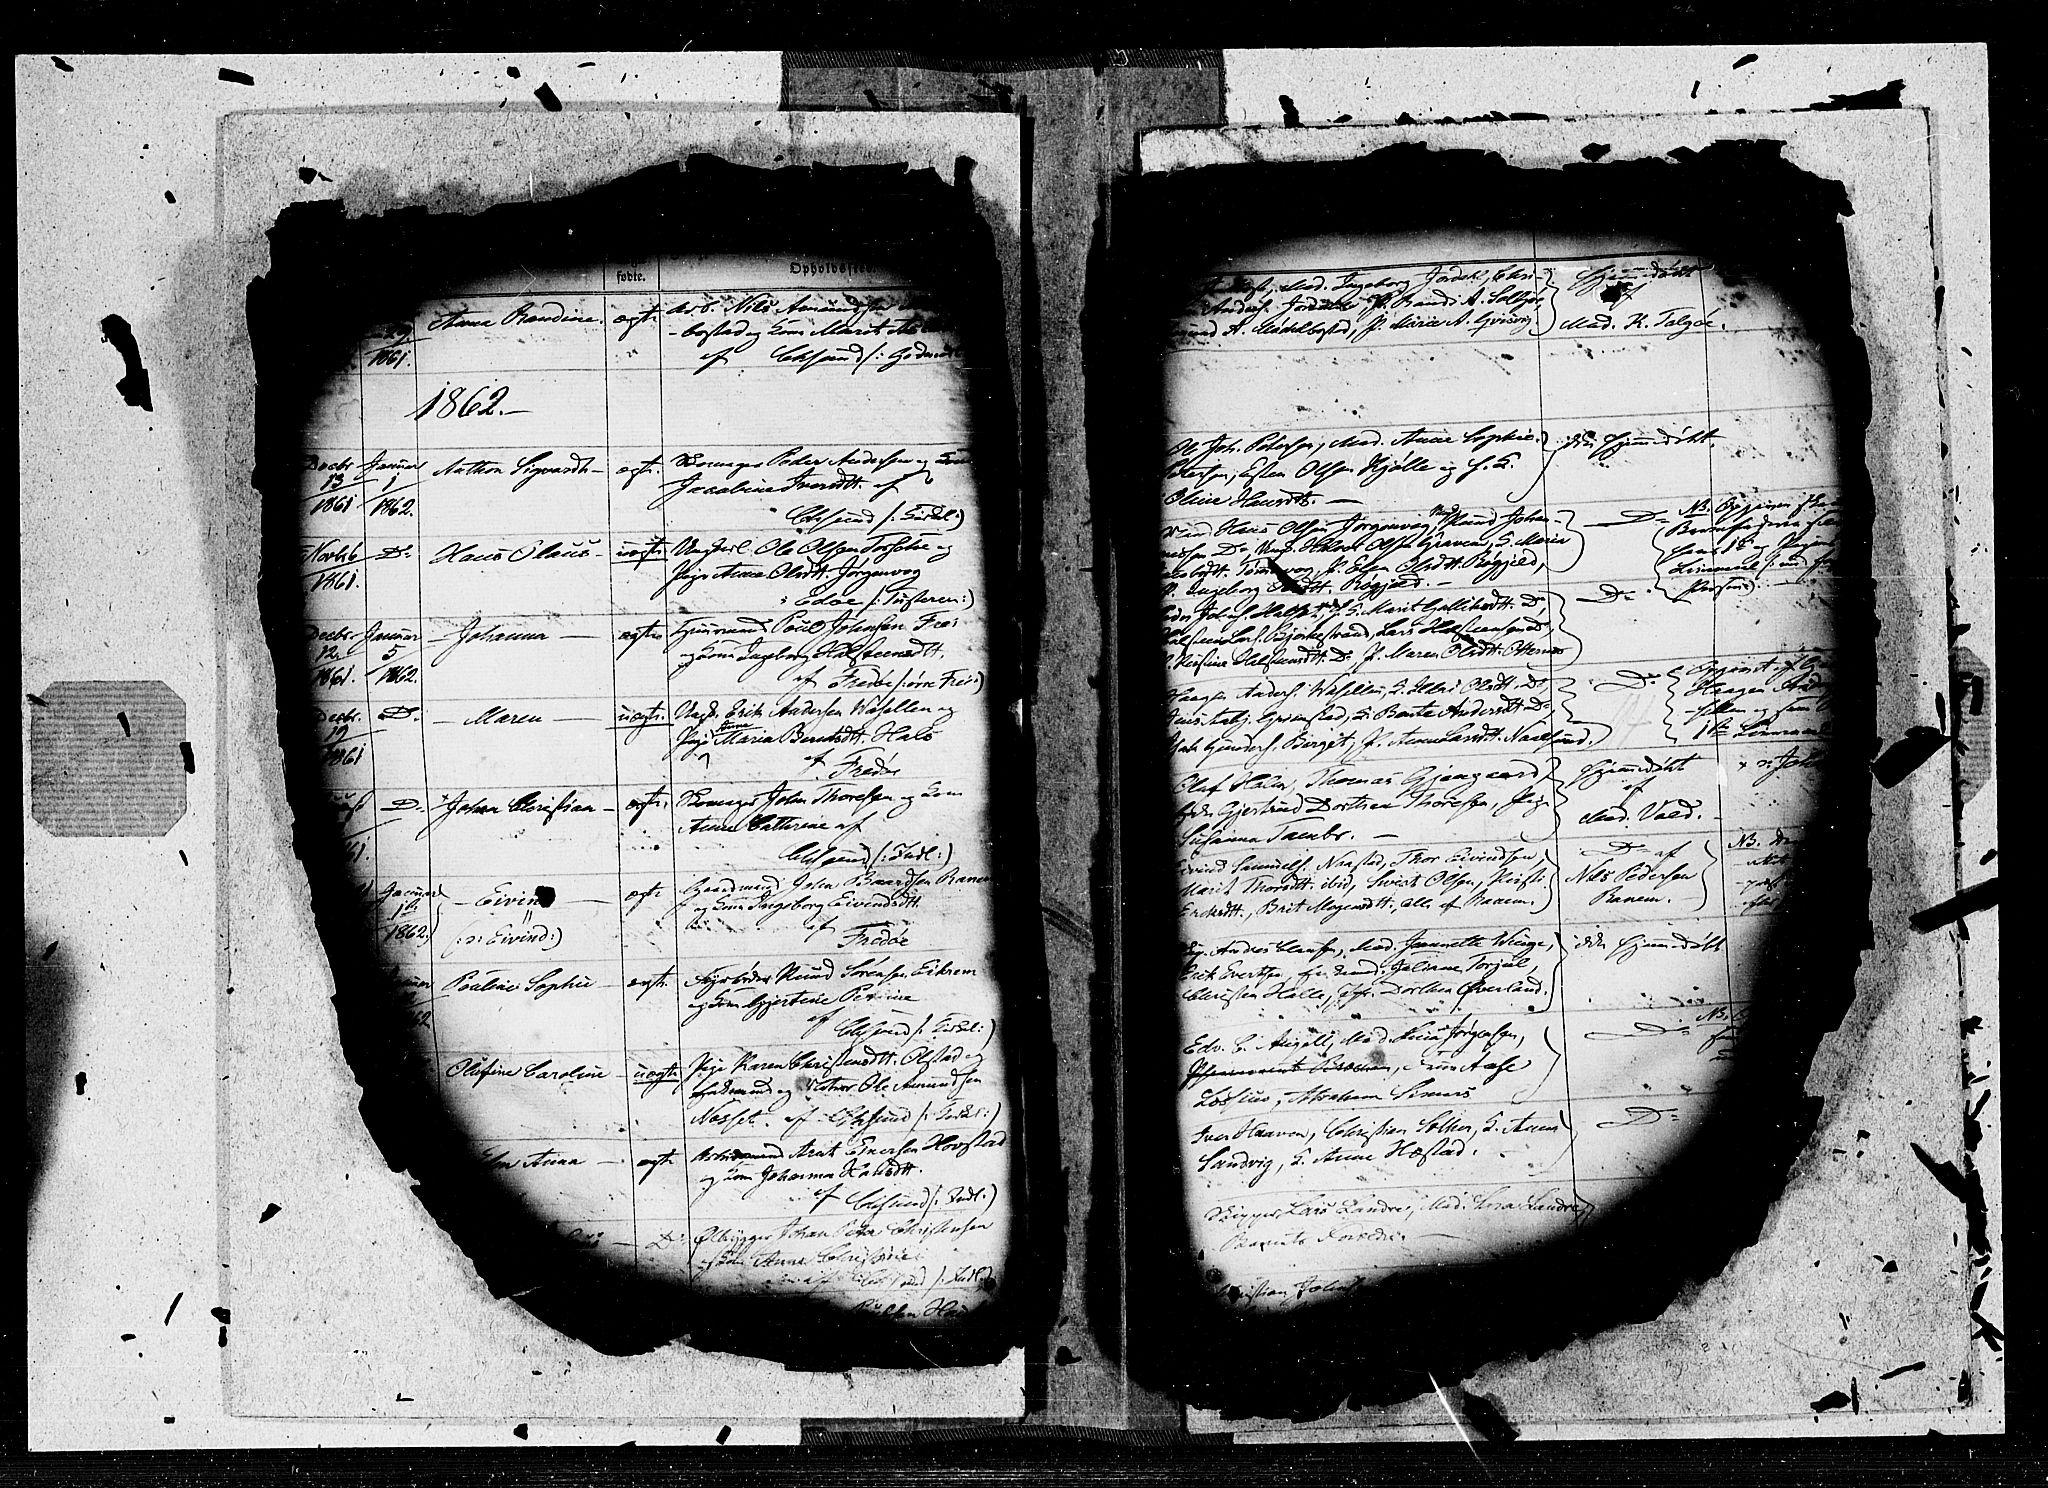 SAT, Ministerialprotokoller, klokkerbøker og fødselsregistre - Møre og Romsdal, 572/L0846: Ministerialbok nr. 572A09, 1855-1865, s. 114